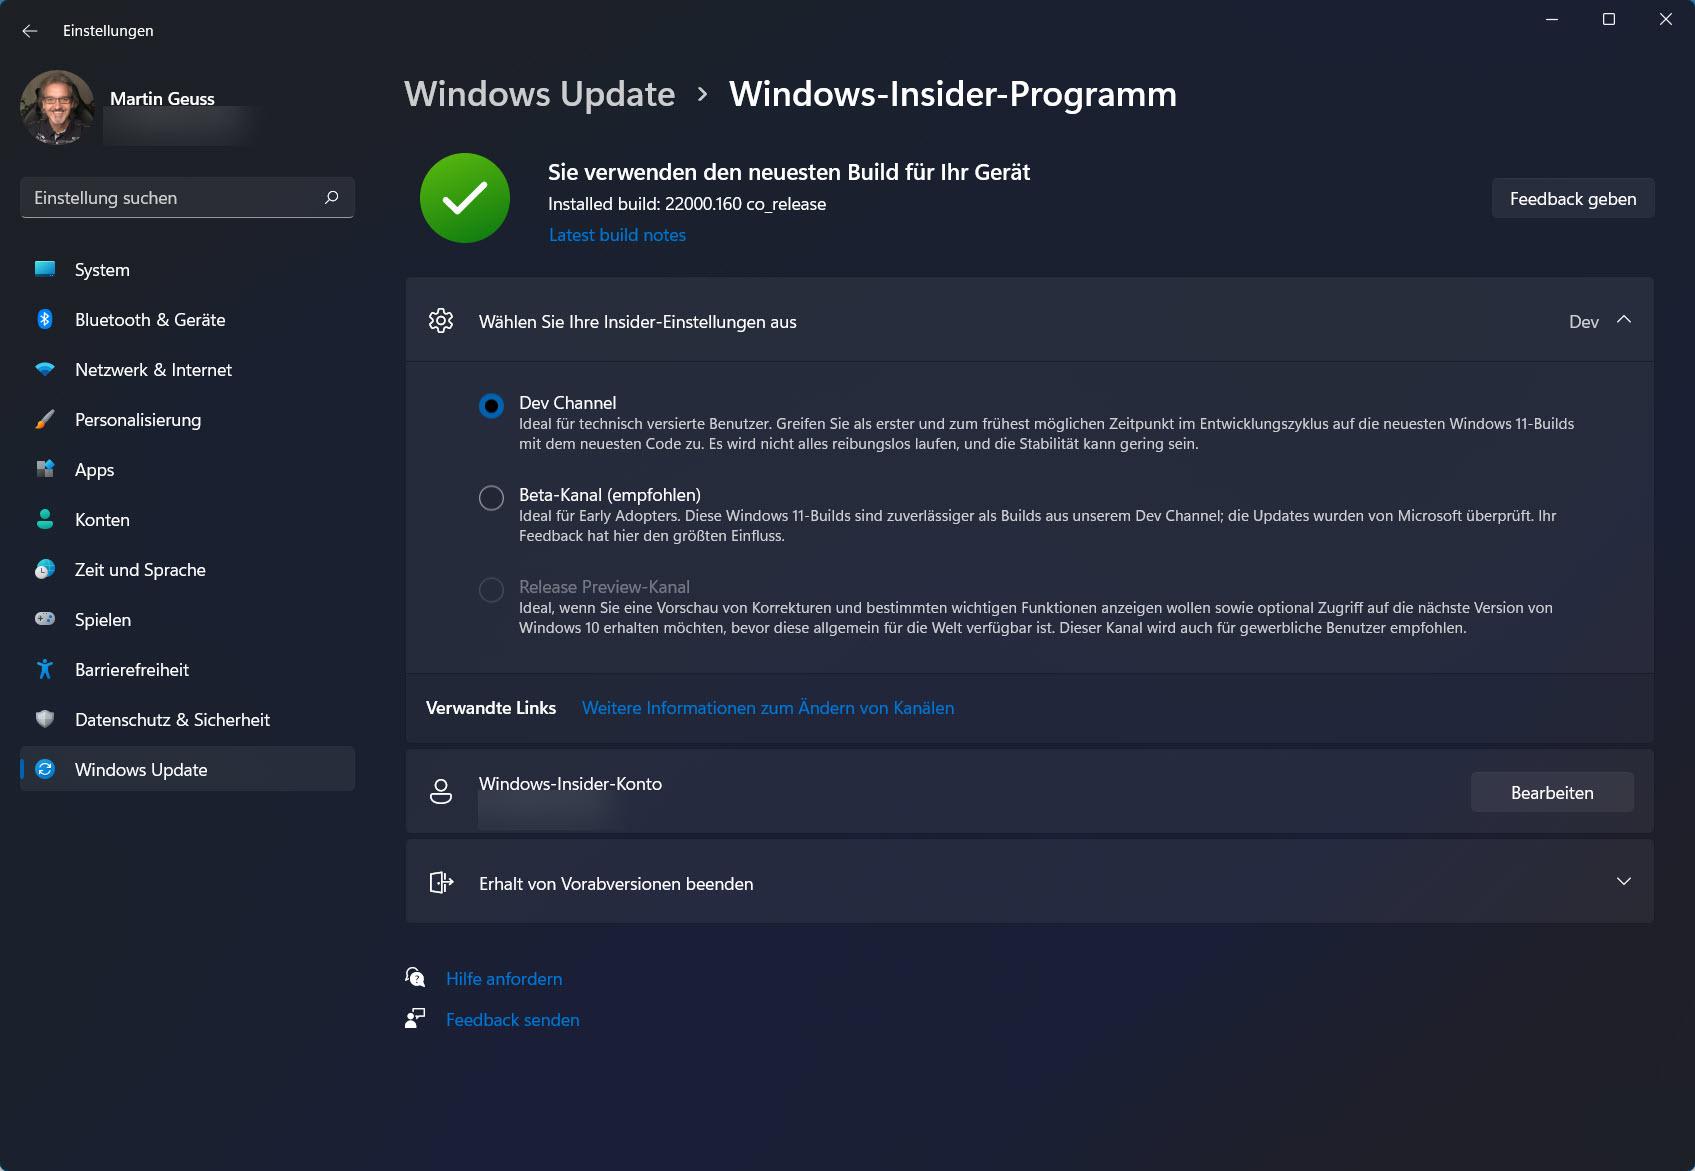 Windows 11 Insider Programm Einstellungen